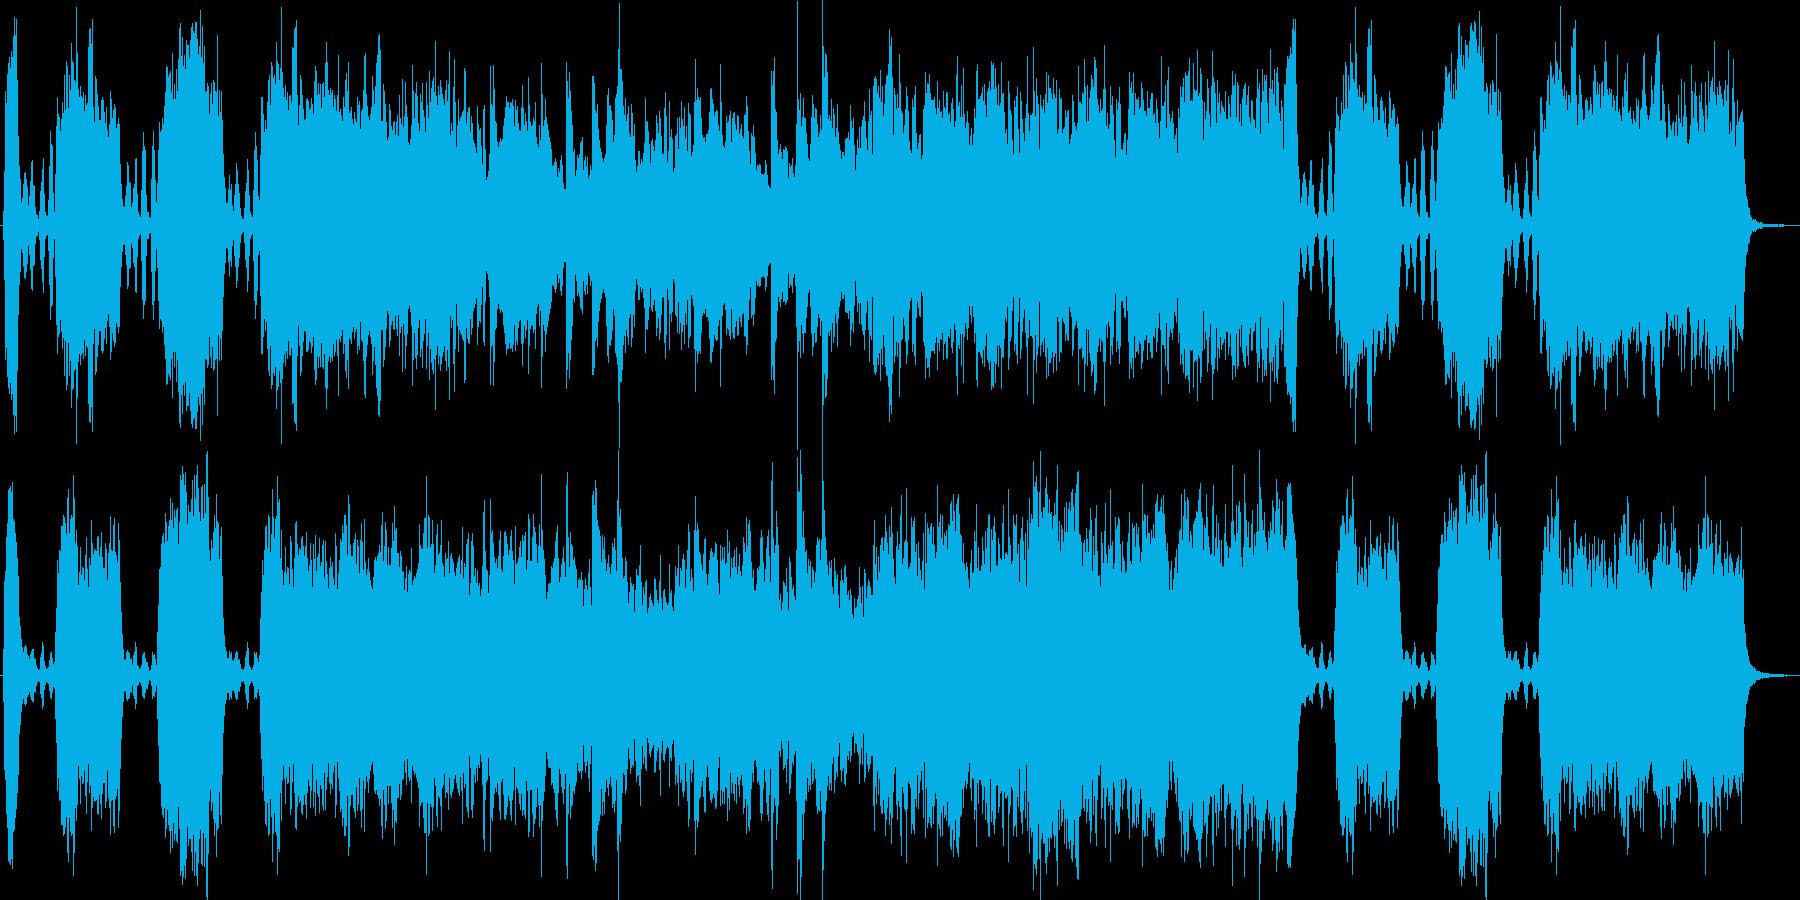 ファンタジーRPGなどの豪華なお城をイ…の再生済みの波形